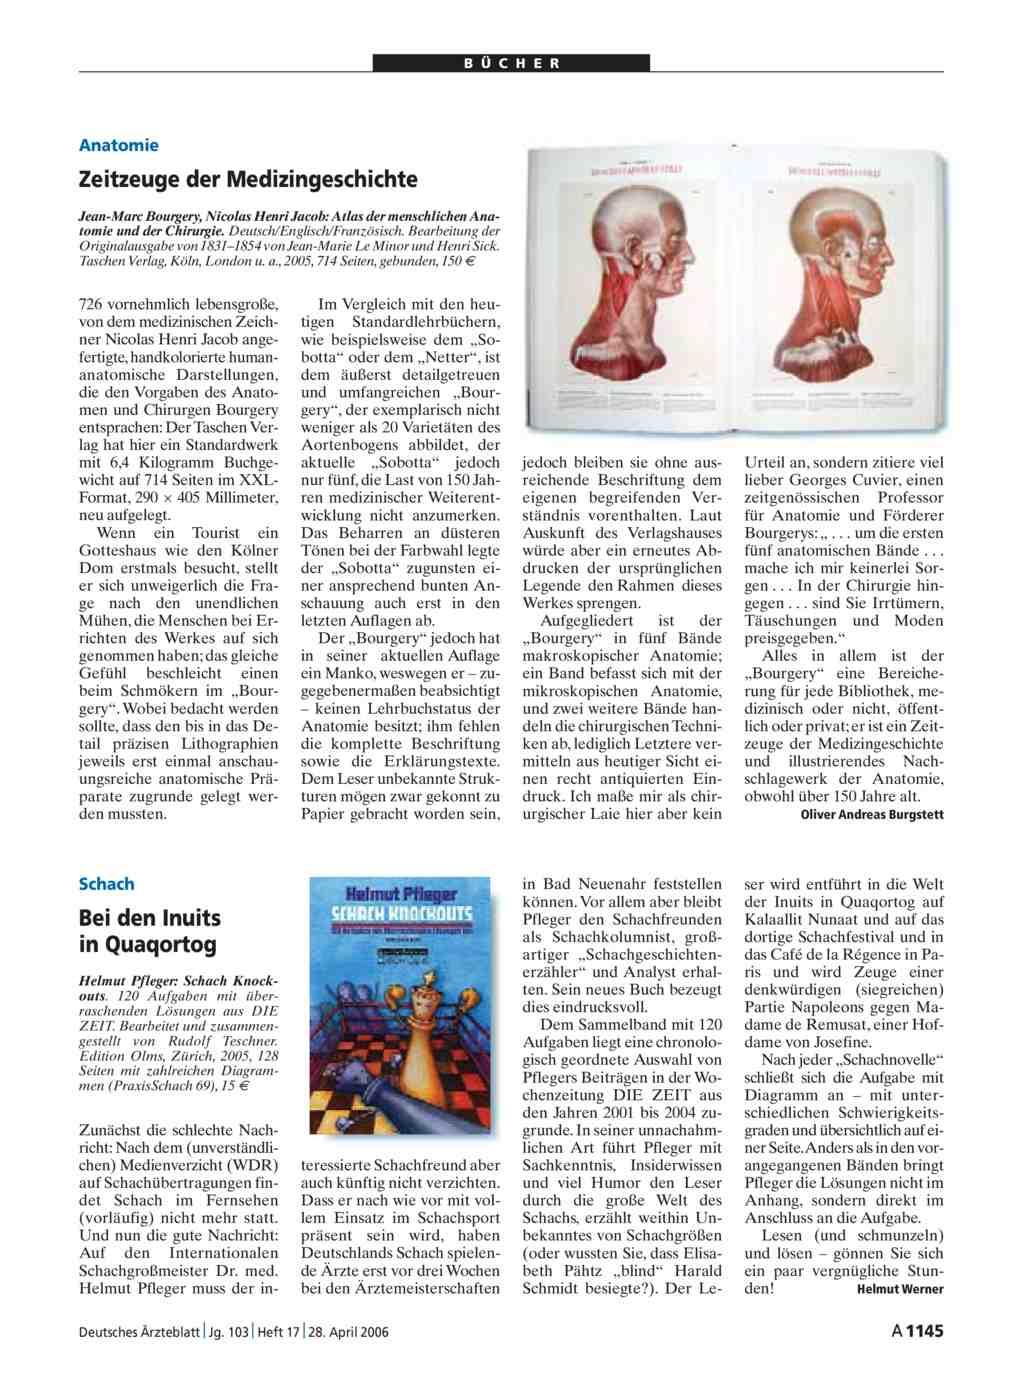 Atlas der menschlichen Anatomie und der Chirurgie